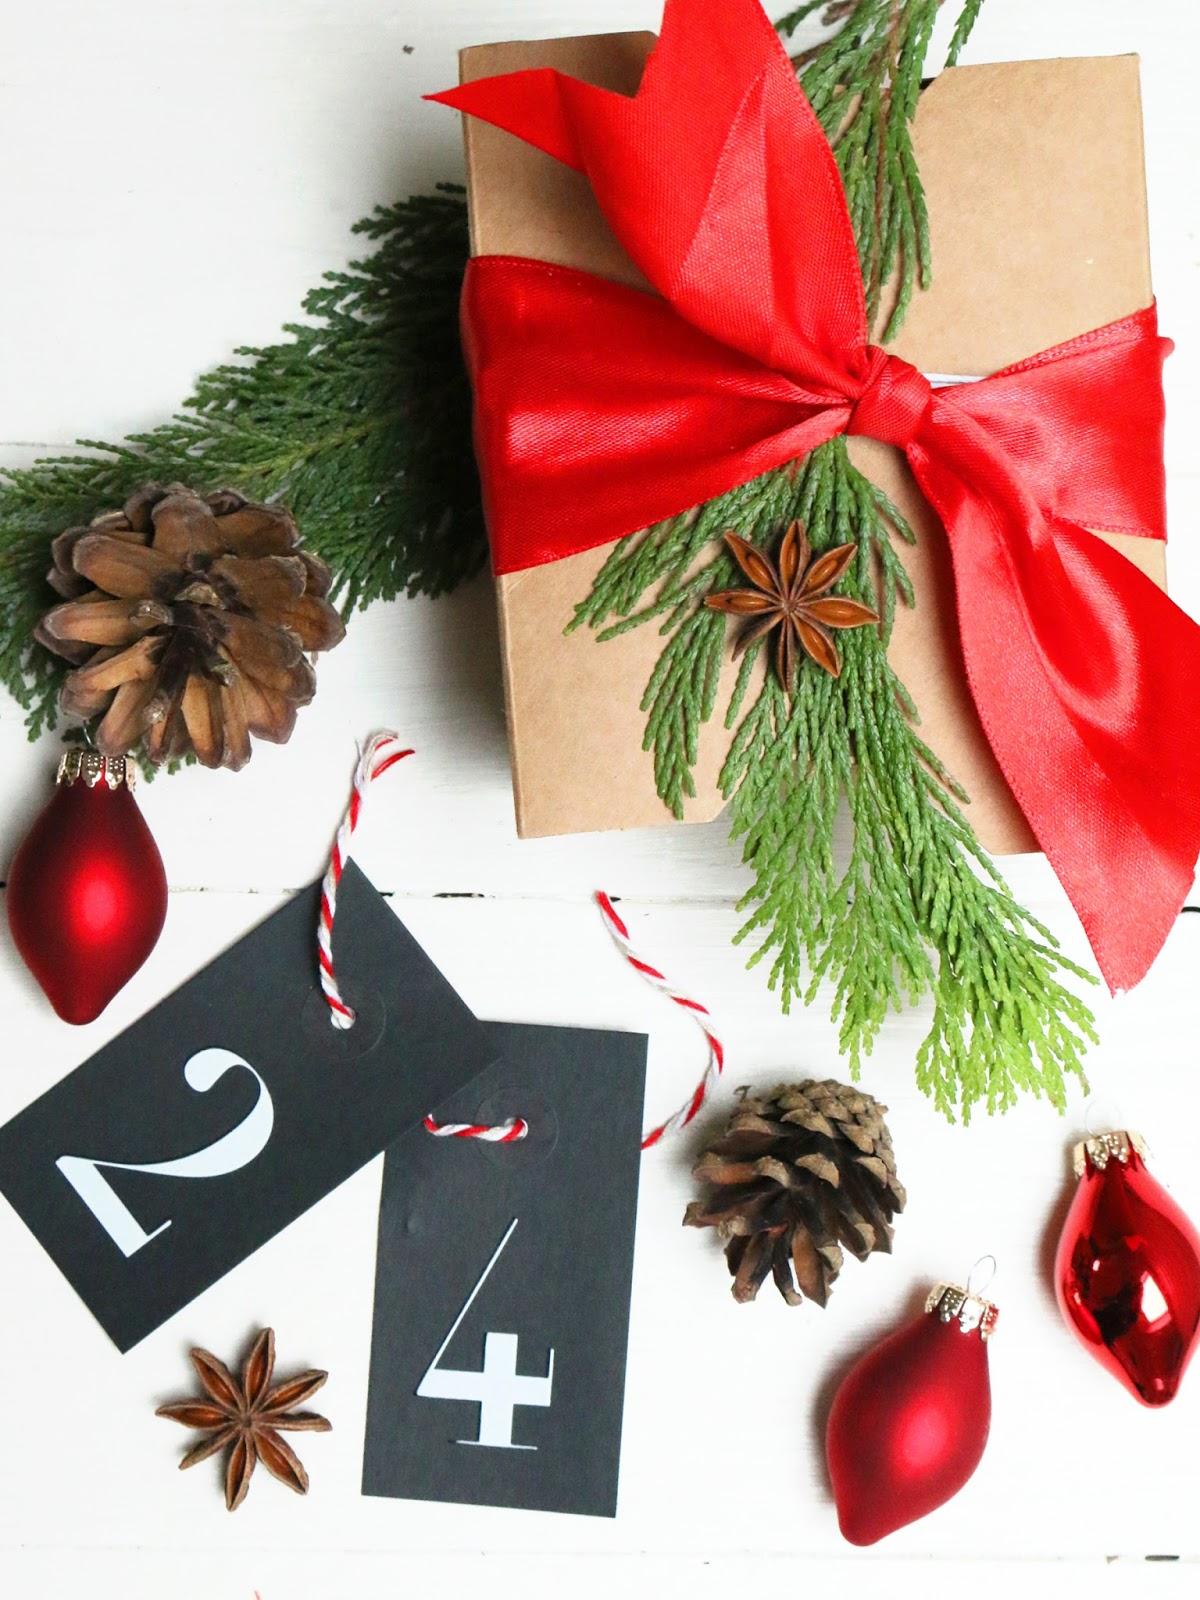 what Ina loves ❤ : Ein kleiner Weihnachtsgruß und Merry Christmas